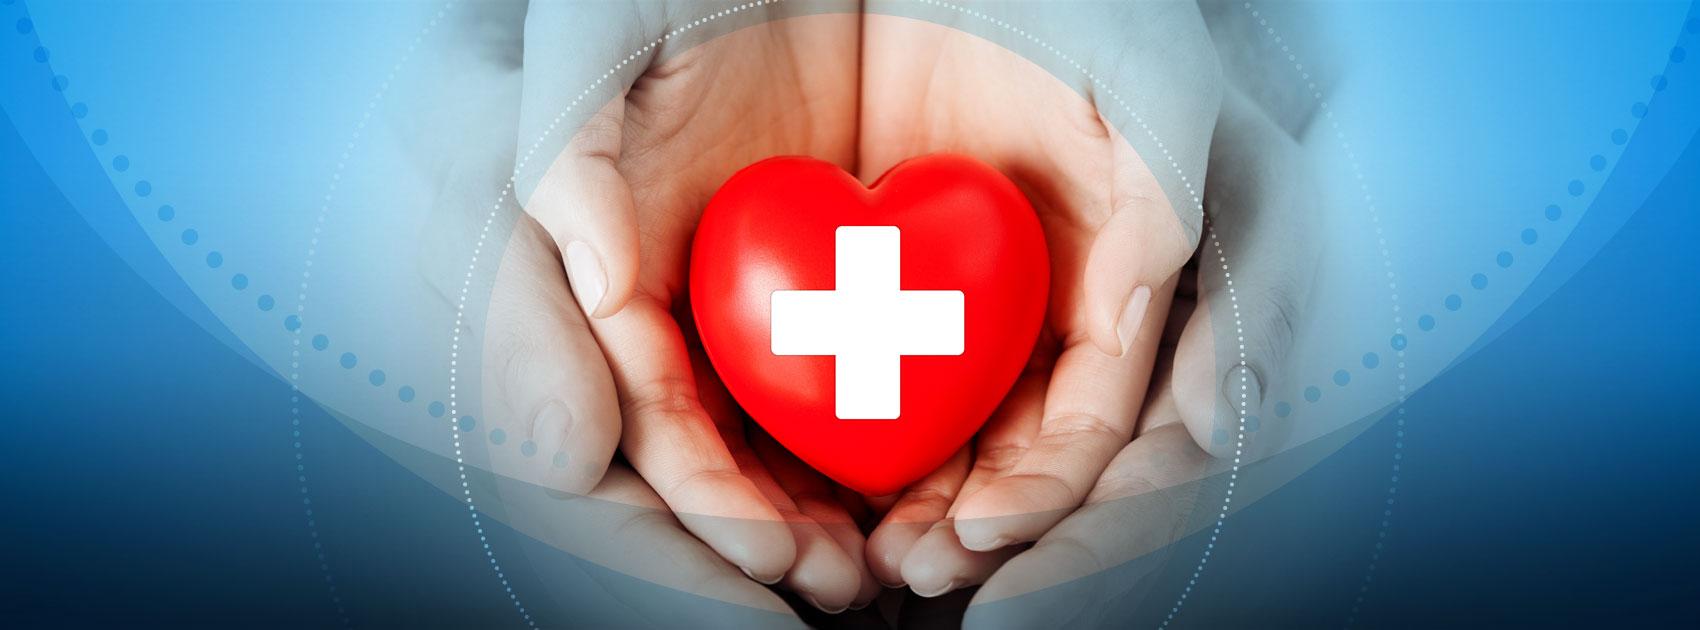 banner-healinghands